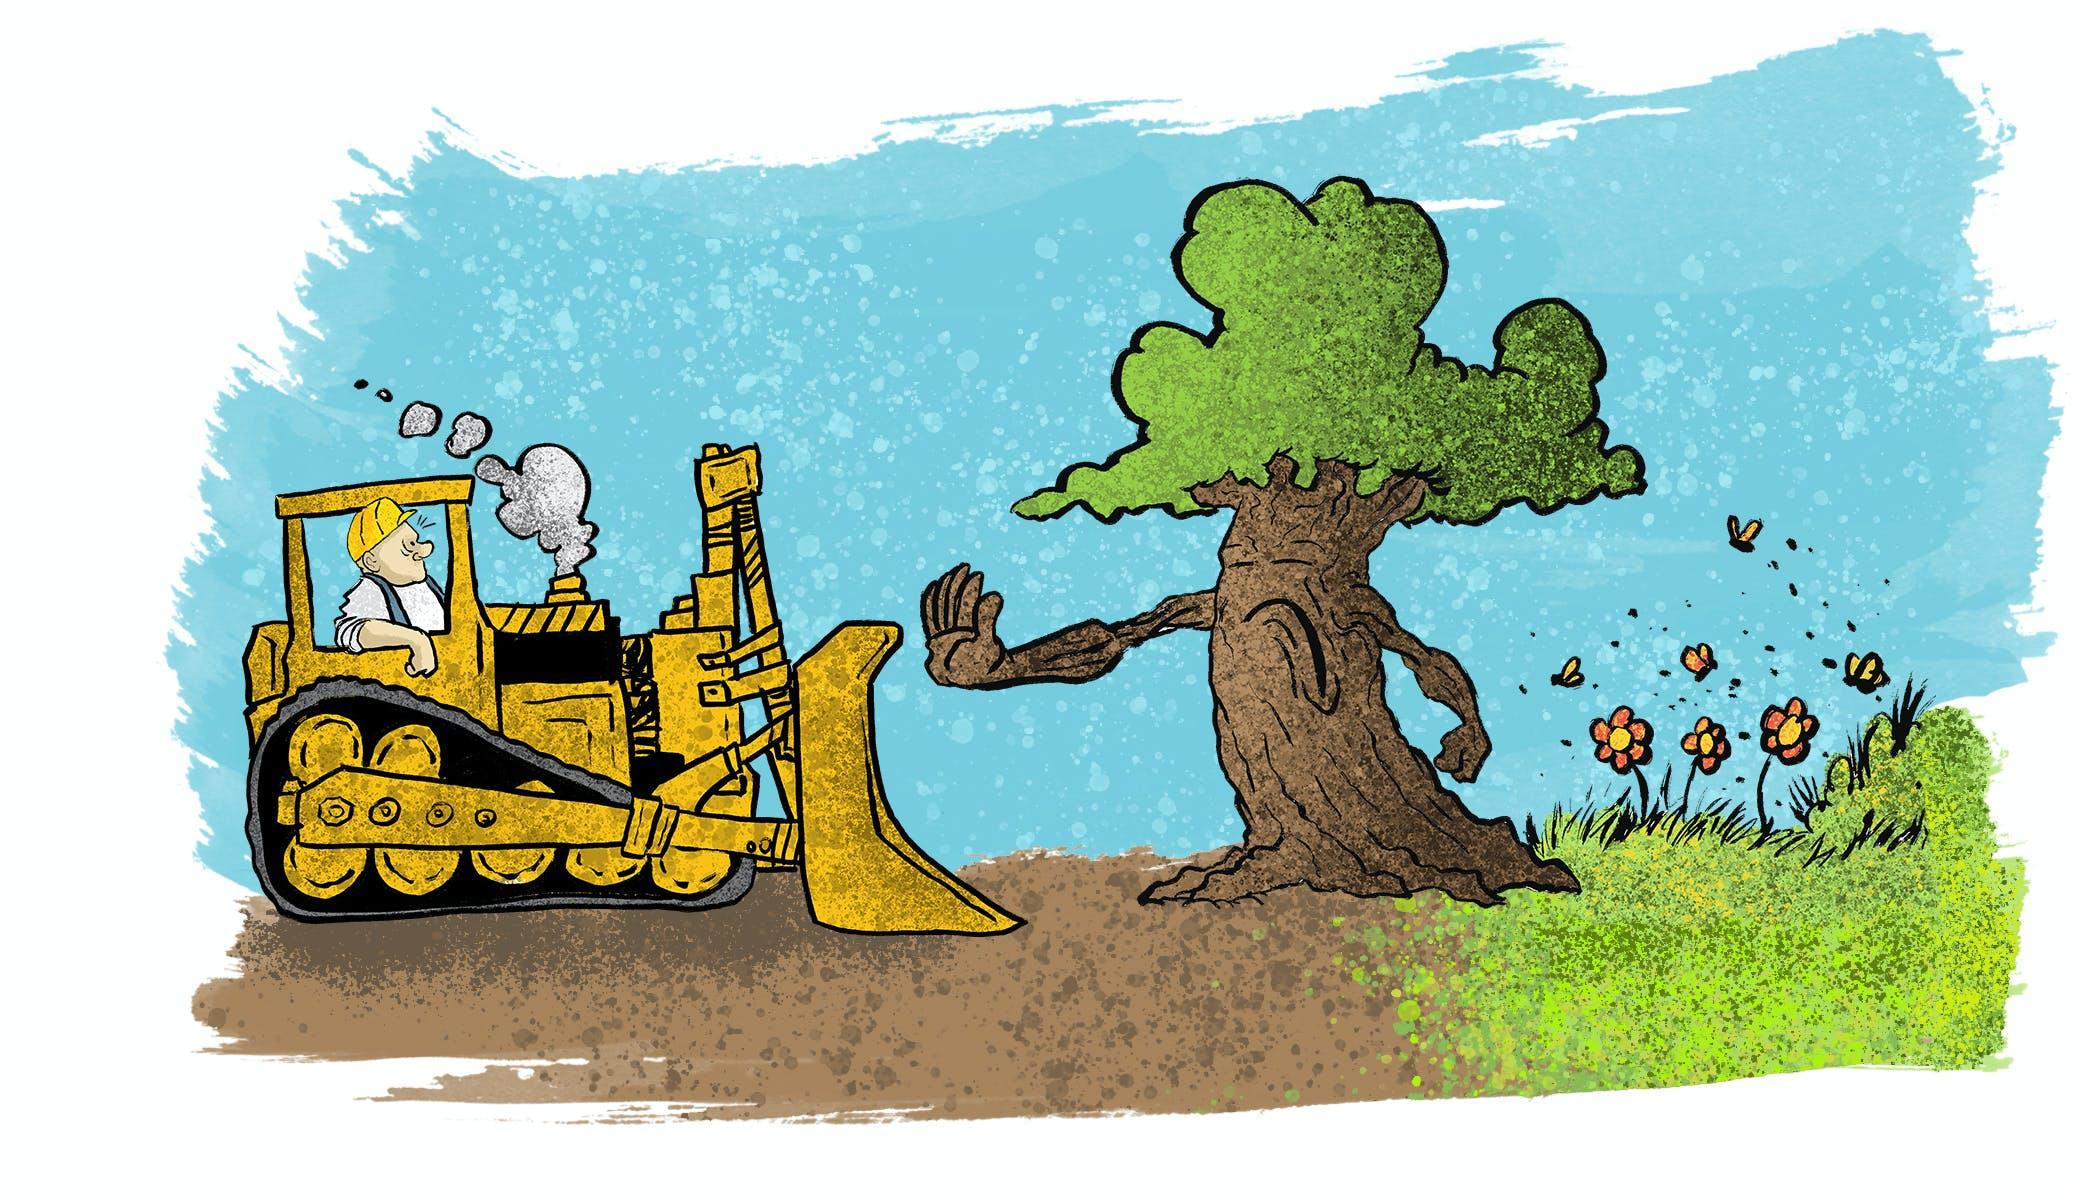 Odsherred Kommune og Danmarks Naturfredningsforening vil frede et gammelt istidslandskab. Illustration: Lauge Eilsøe-Madsen, pensler fra Brusheezy.com